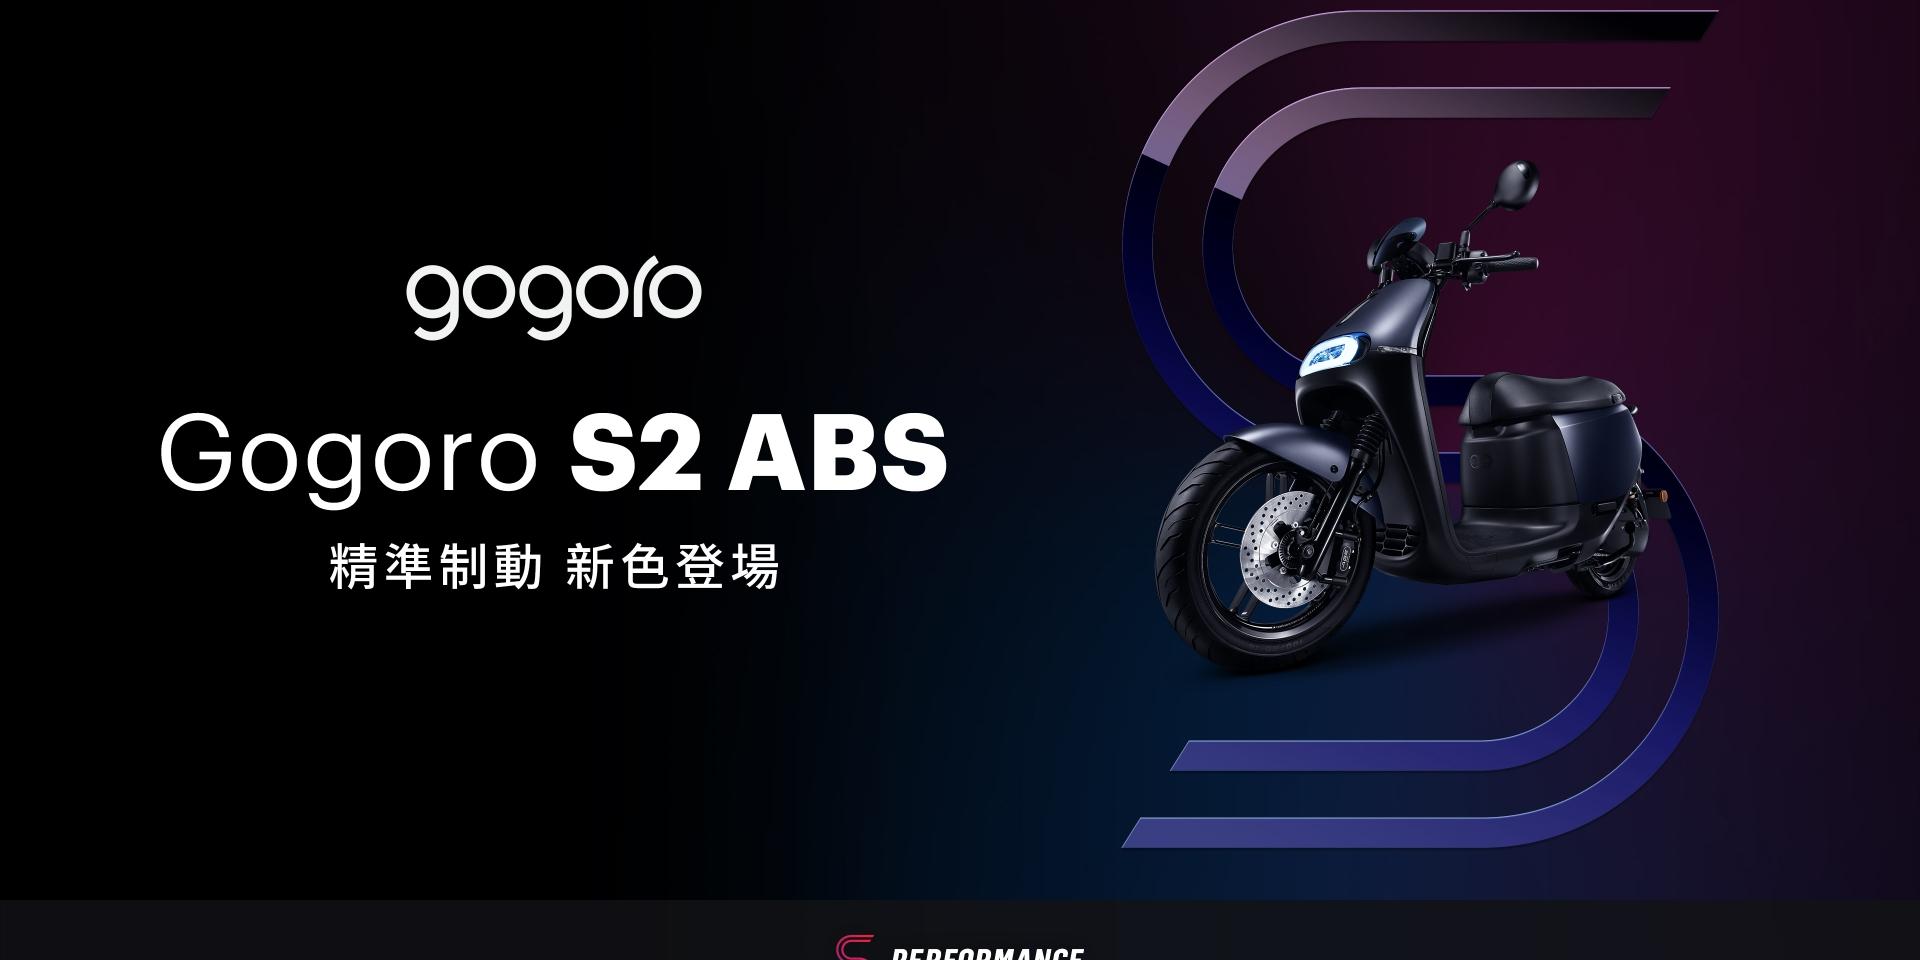 官方新聞稿。Gogoro S Performance車系再添騎將!S2 ABS 石墨灰、S2 Café Racer ABS雙車入列